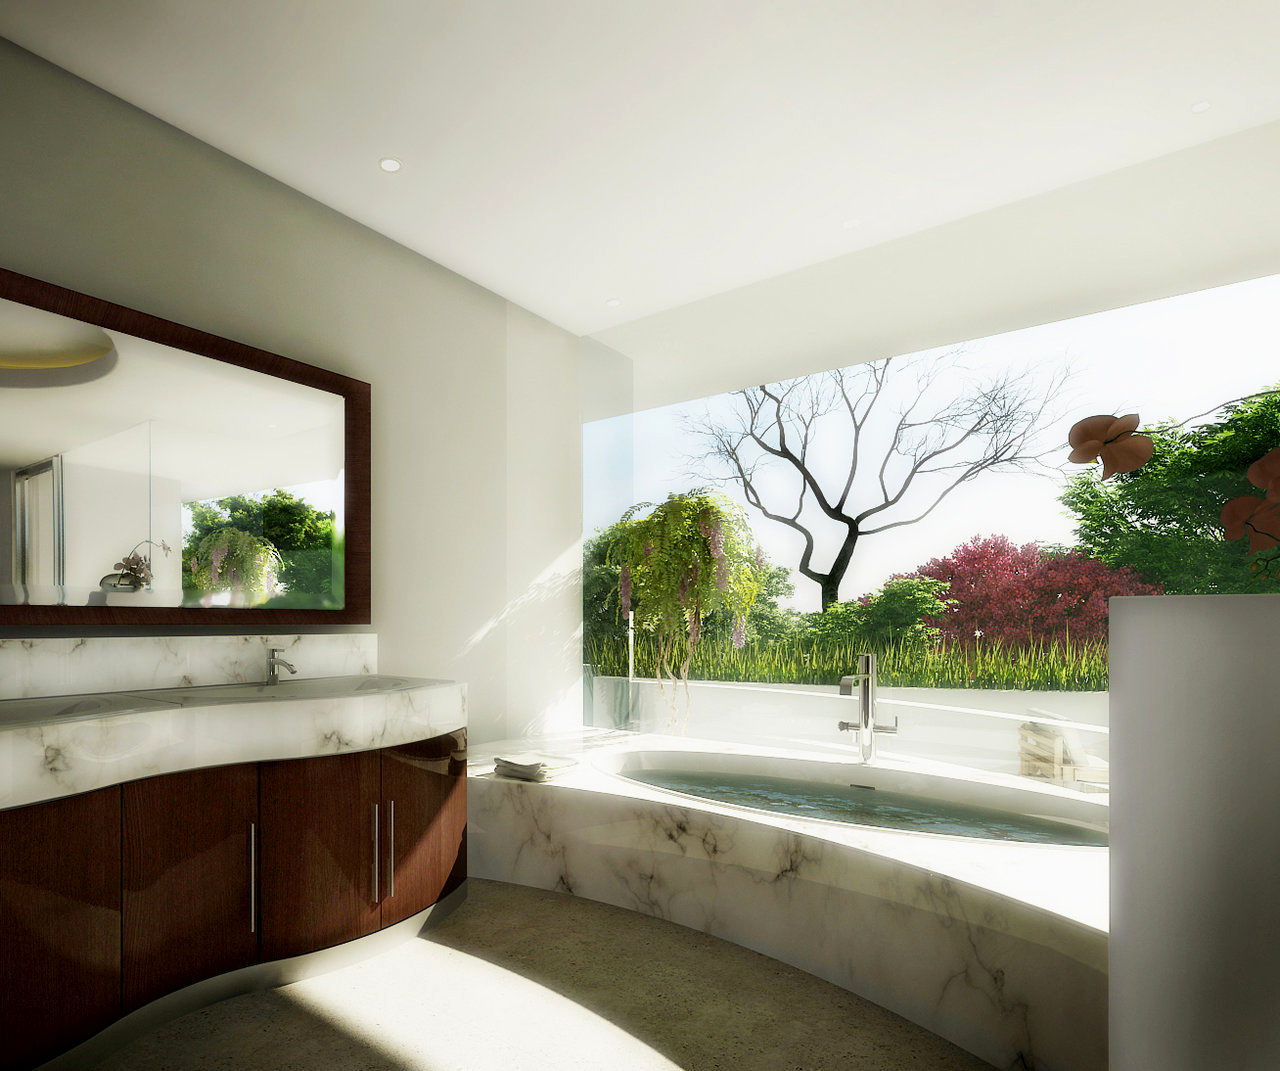 finest white tile bathroom floor plan-Excellent White Tile Bathroom Floor Pattern